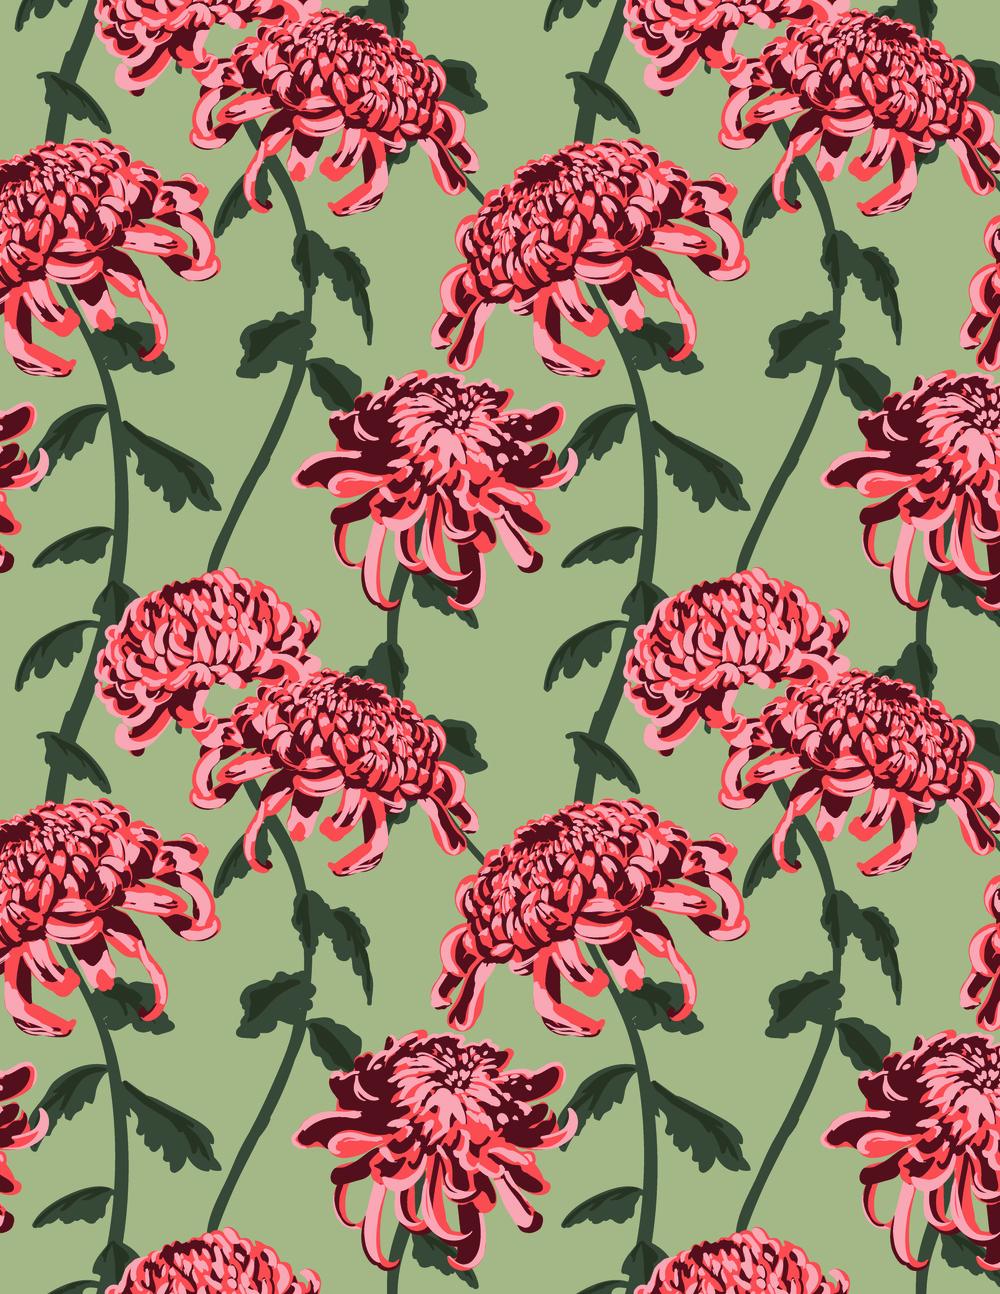 floraljpg-10.jpg